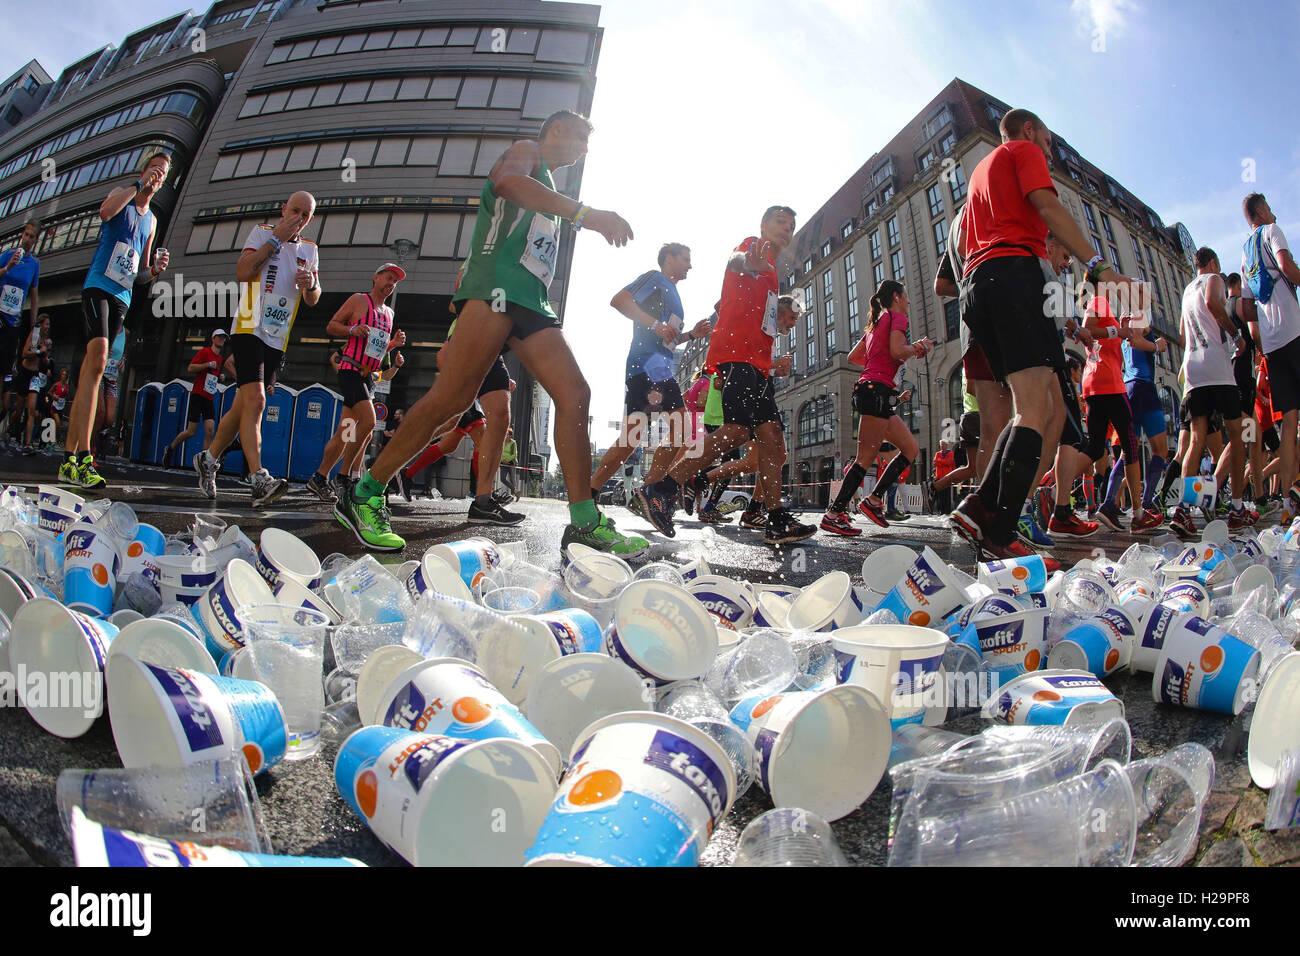 Berlín, Alemania. 25 Sep, 2016. Los atletas aficionados durante la 43ª edición de la Maratón Imagen De Stock